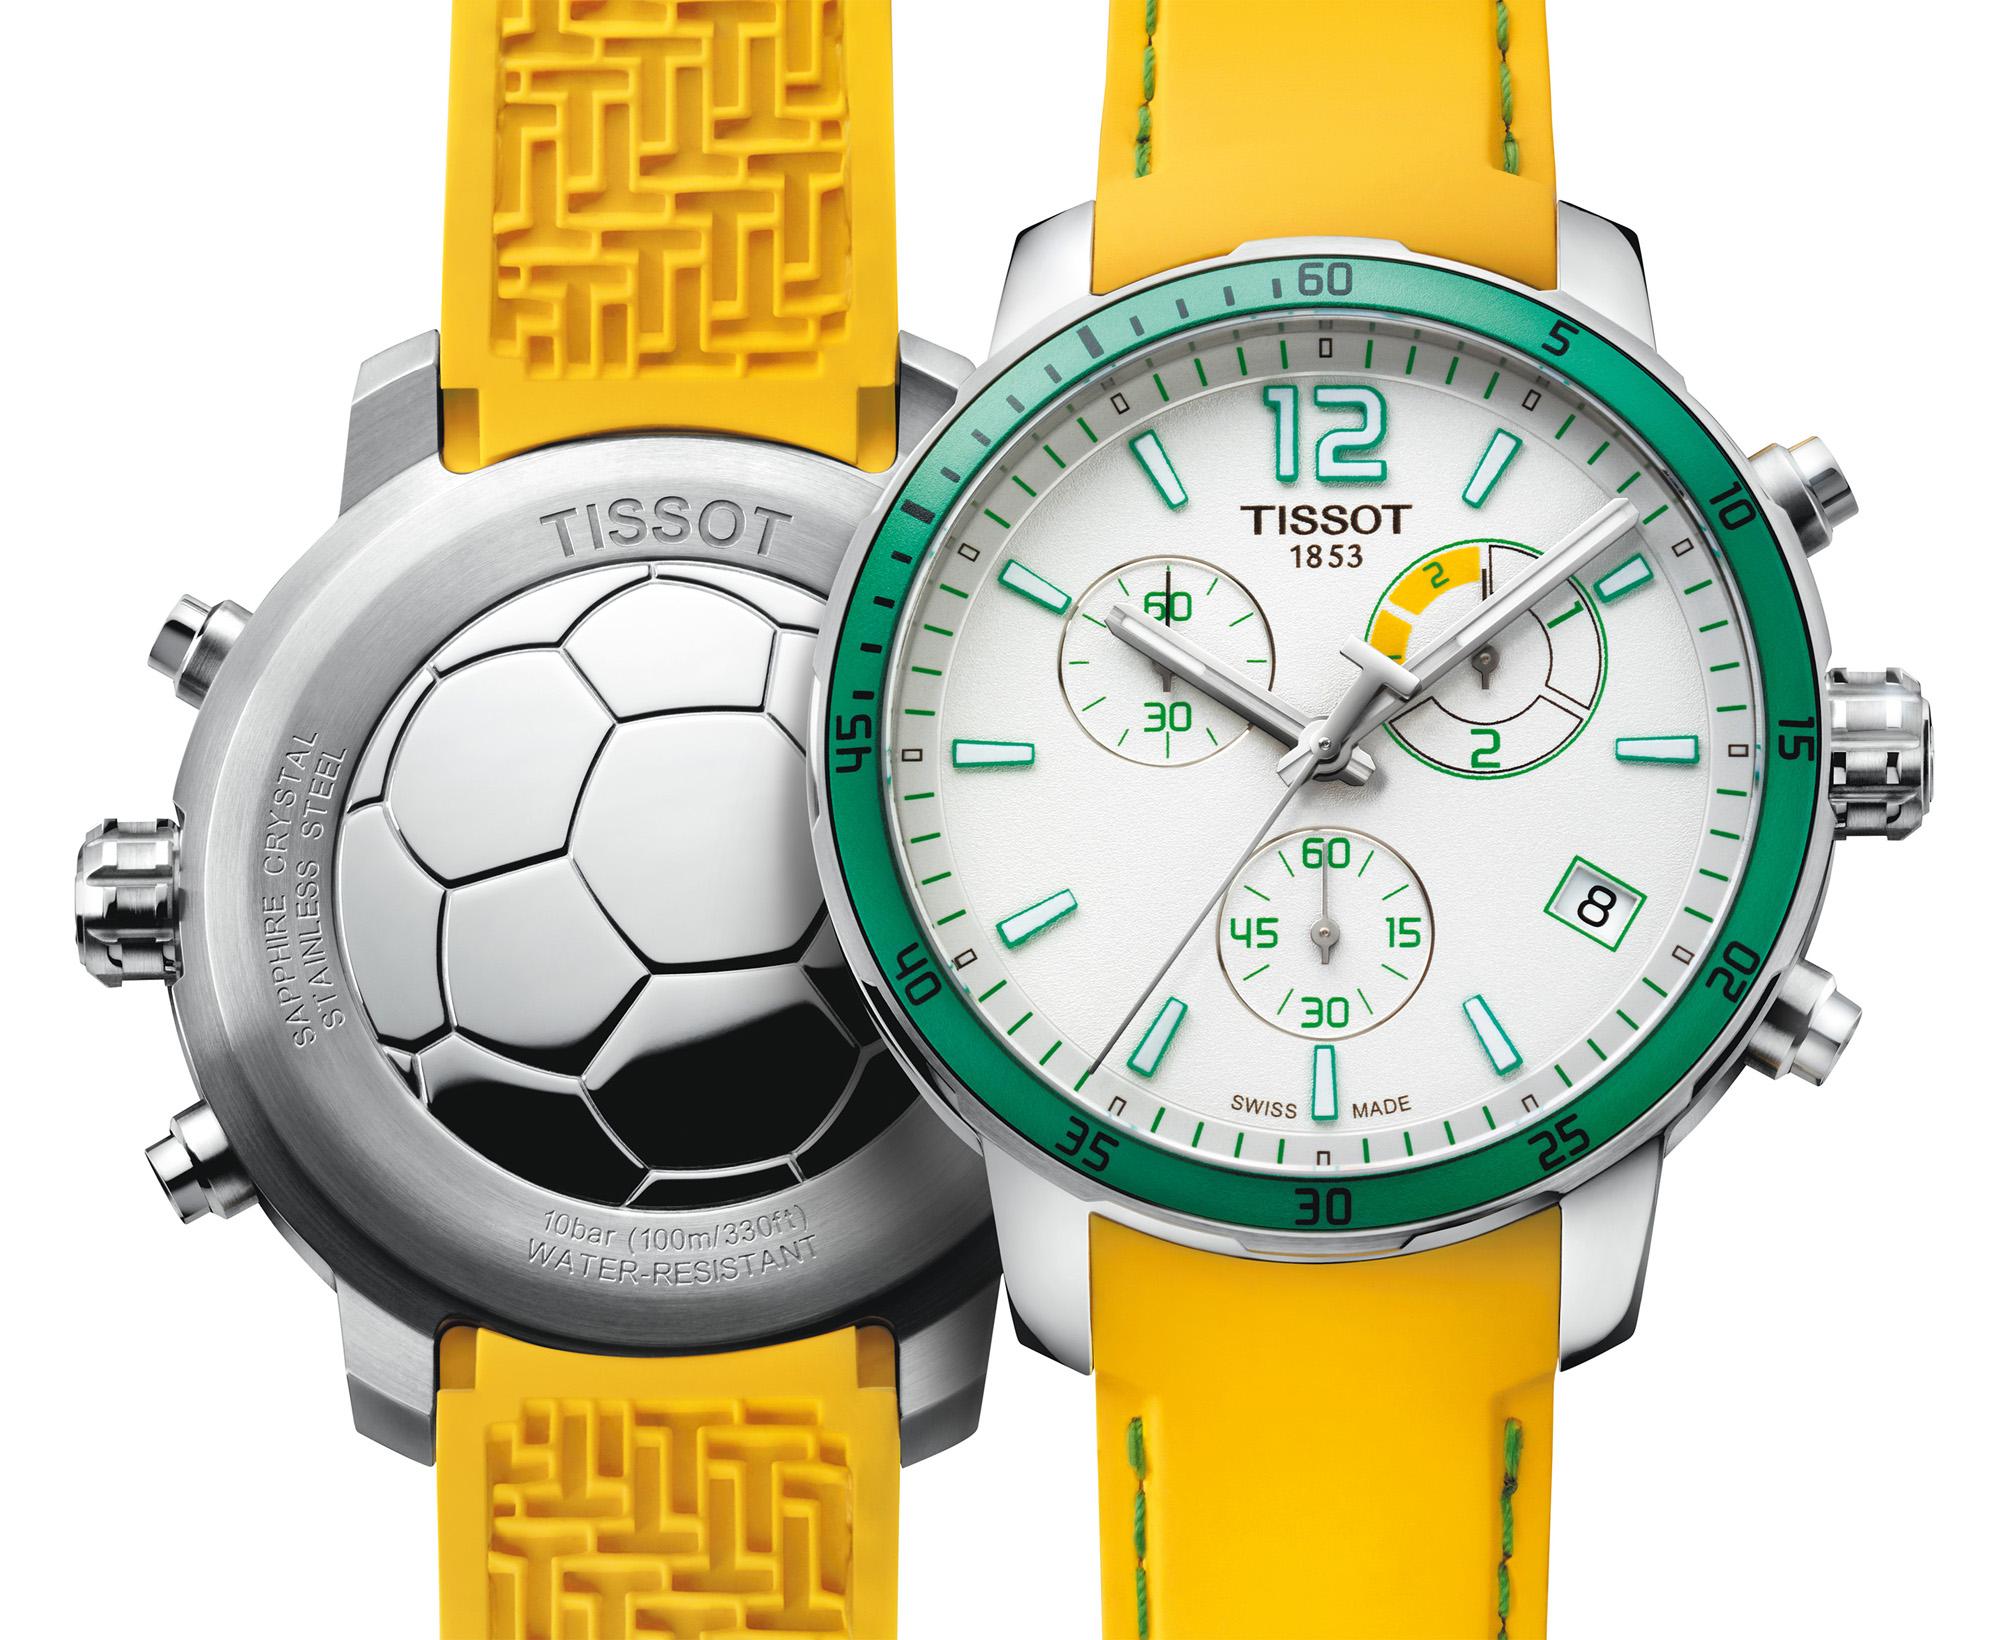 Tissot: Quickster Football watch